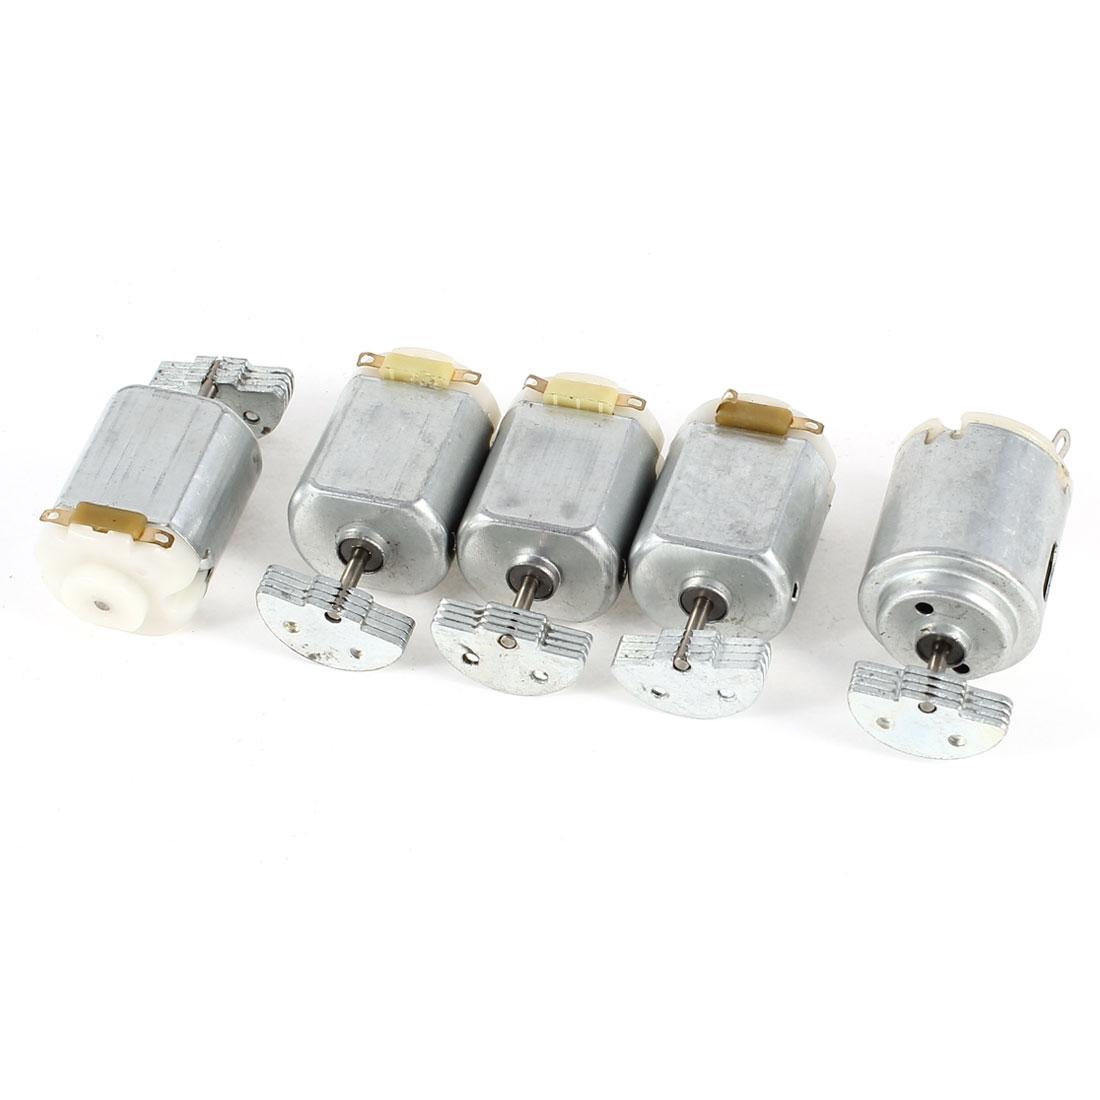 5-Pcs-Mini-Vibration-Vibrating-Electric-Motor-DC-3V-5000RPM-for-Massager-Device